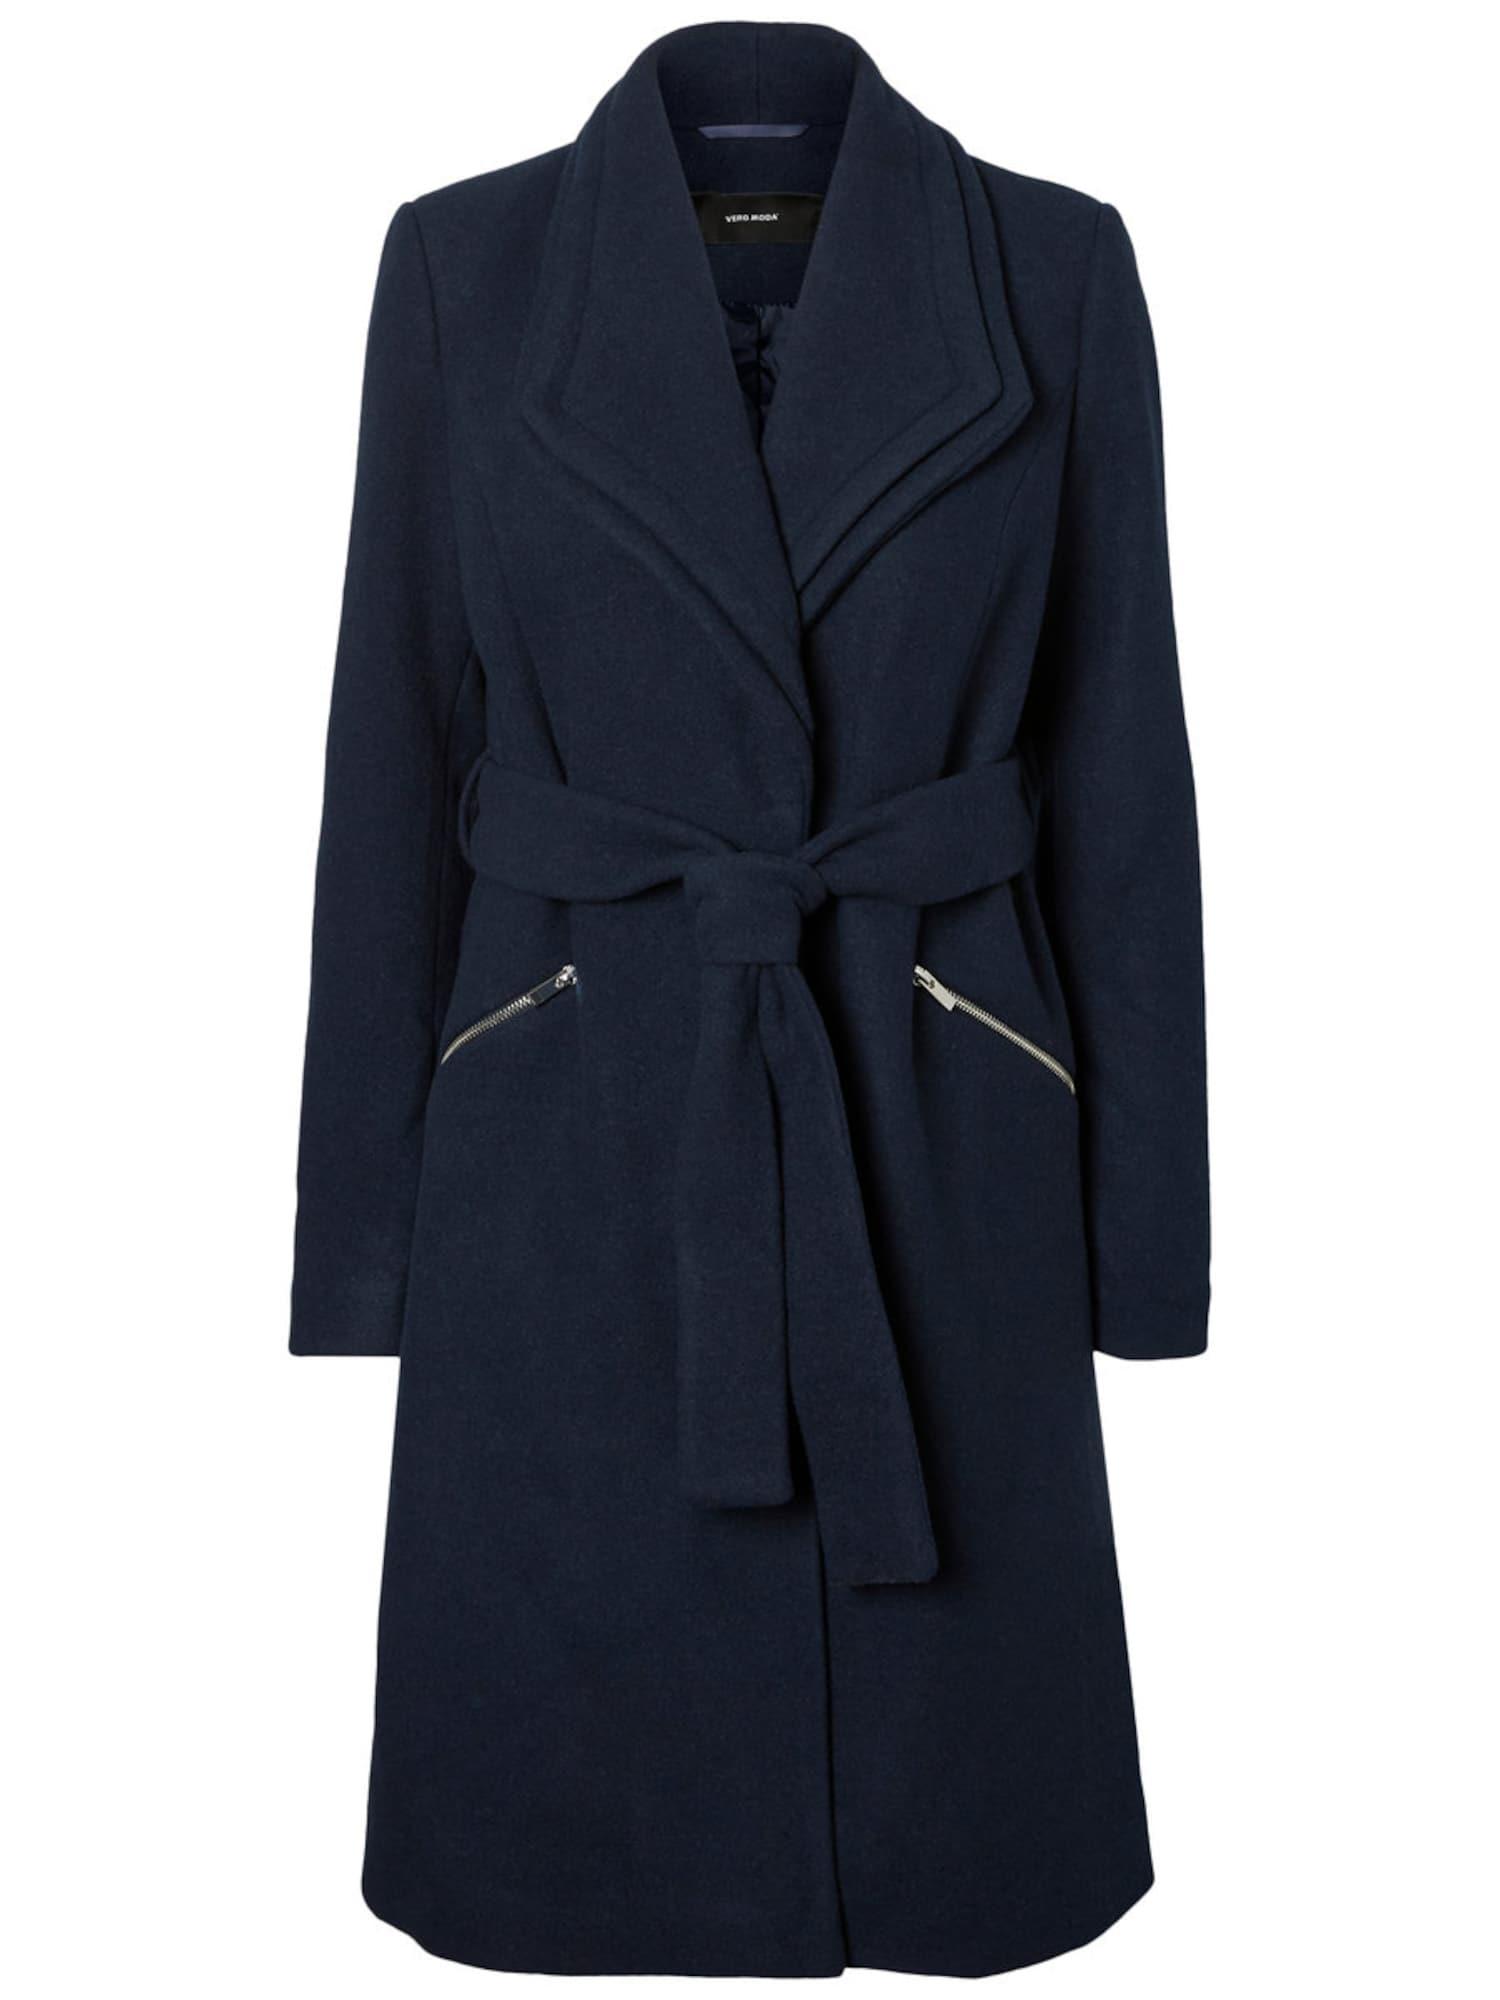 Přechodný kabát VMPISA námořnická modř VERO MODA